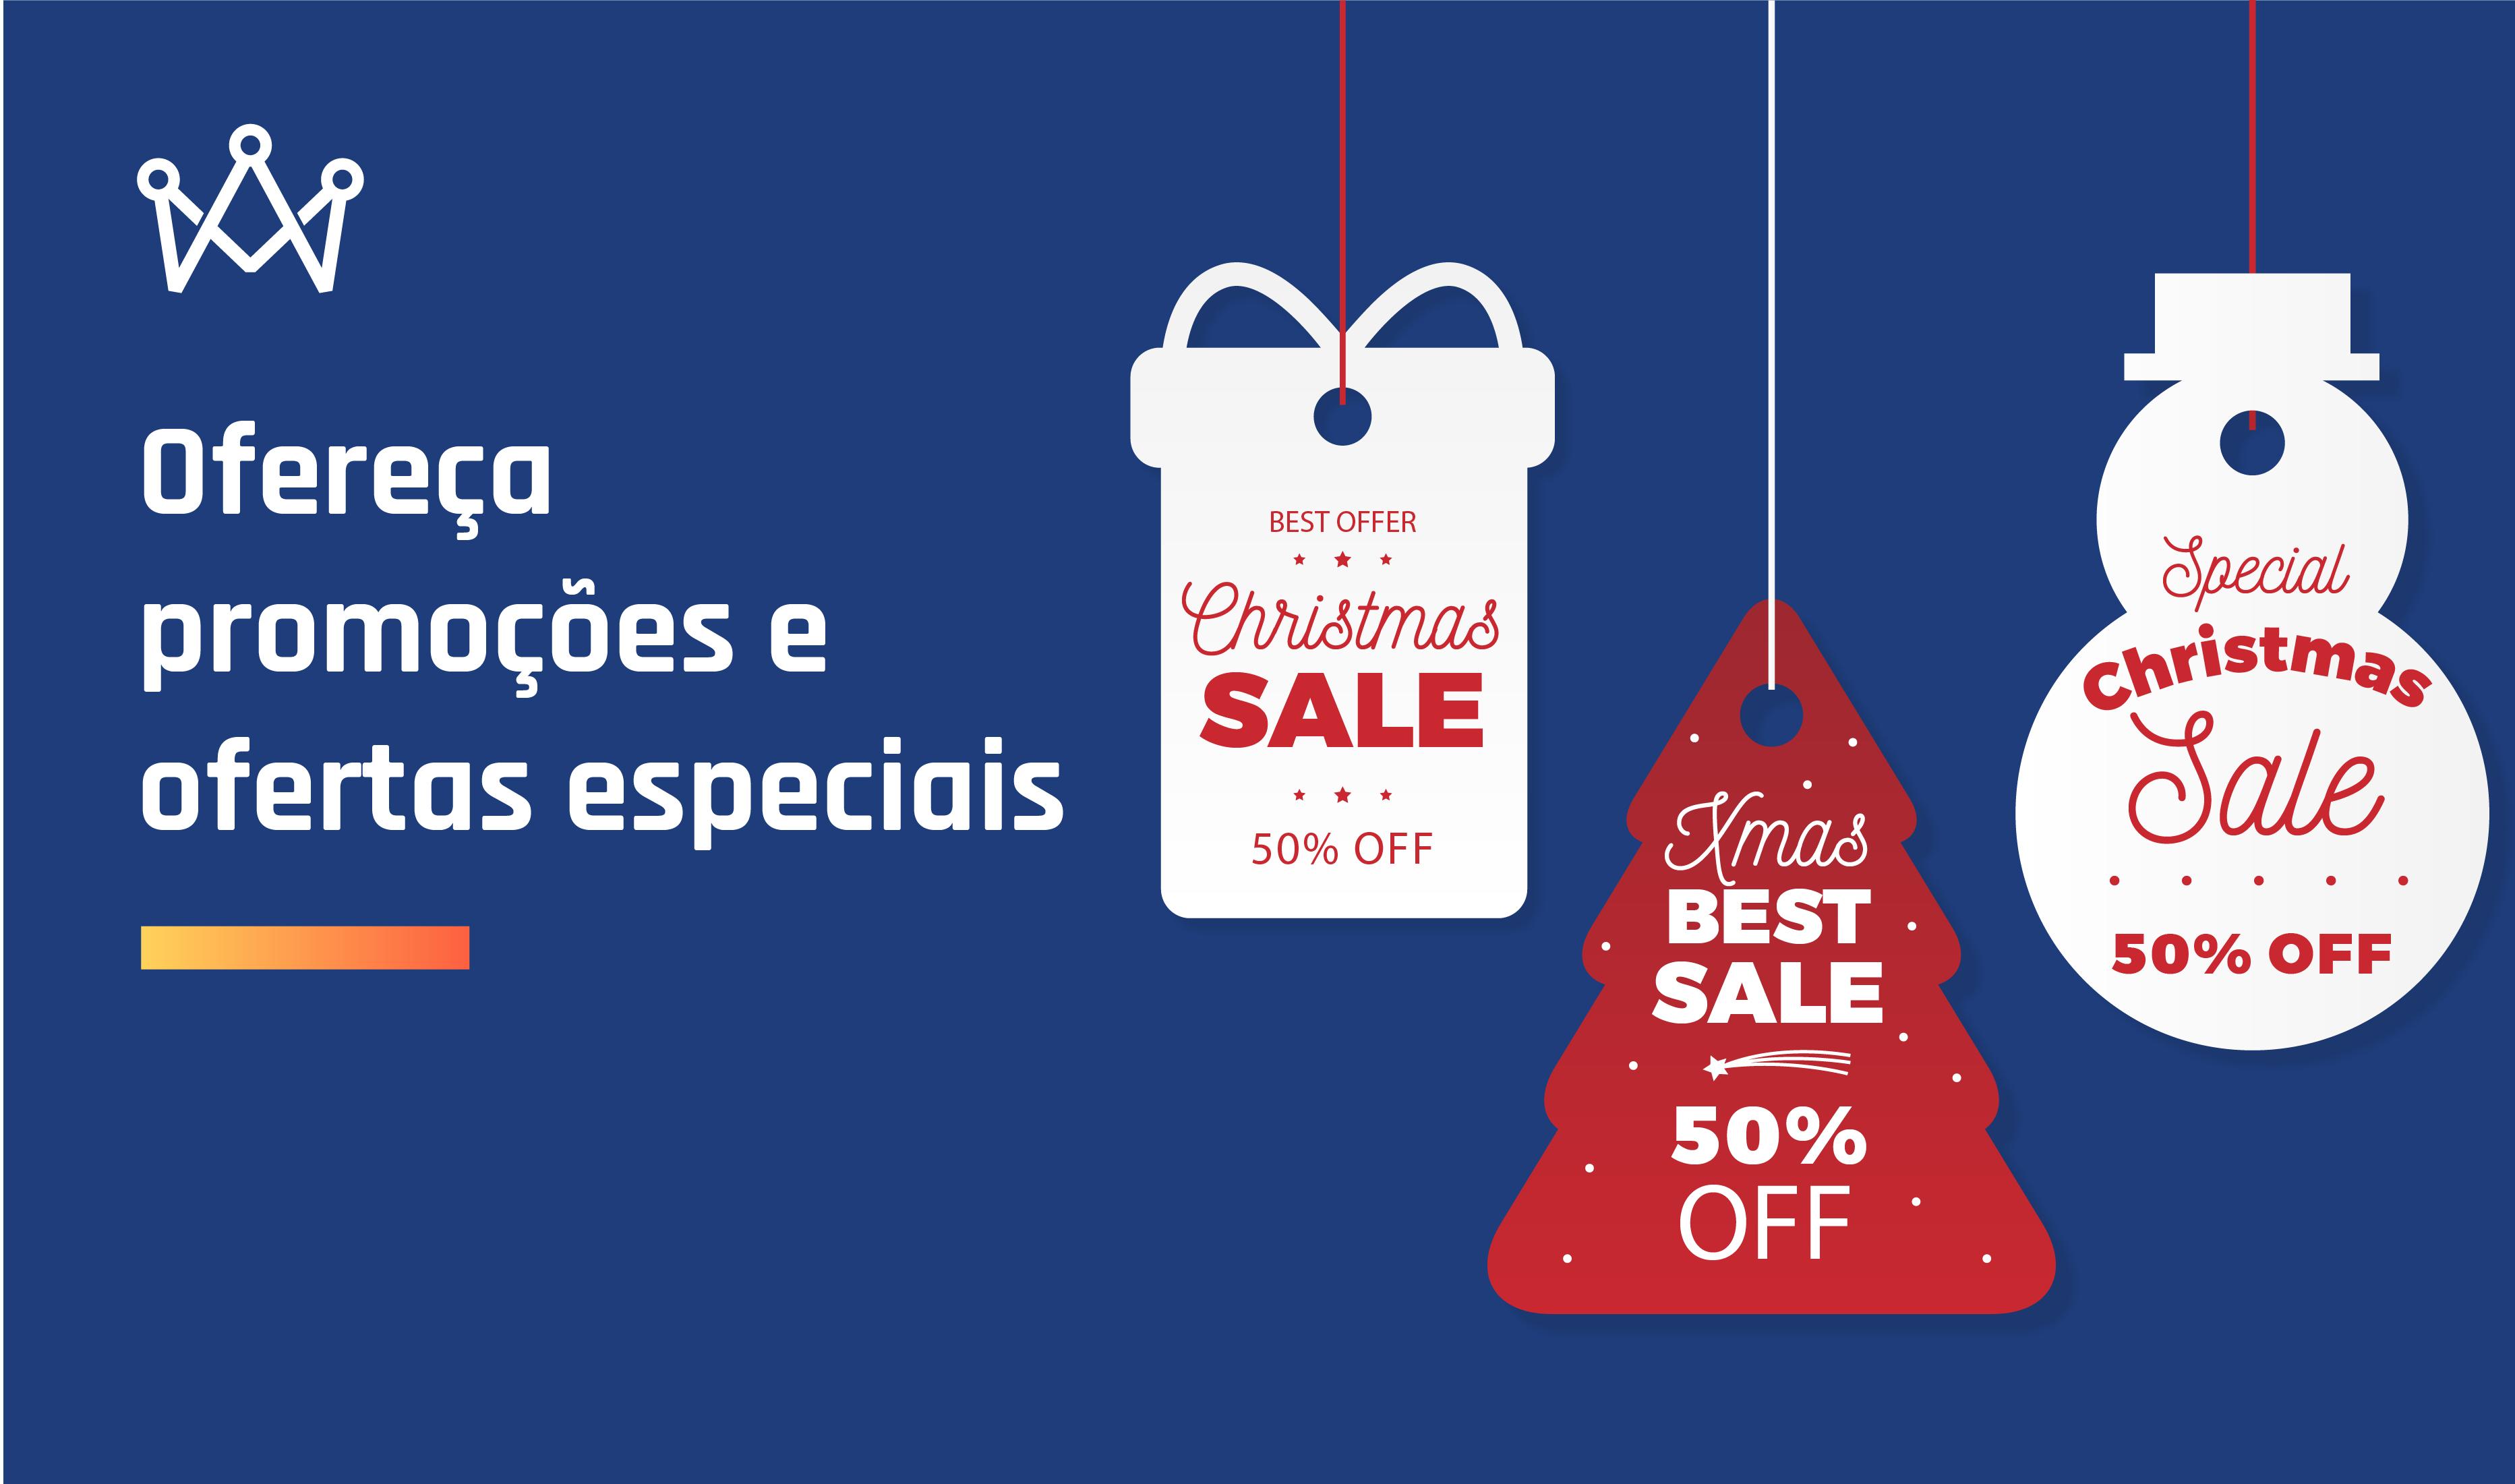 ofertas-especiais-Natal